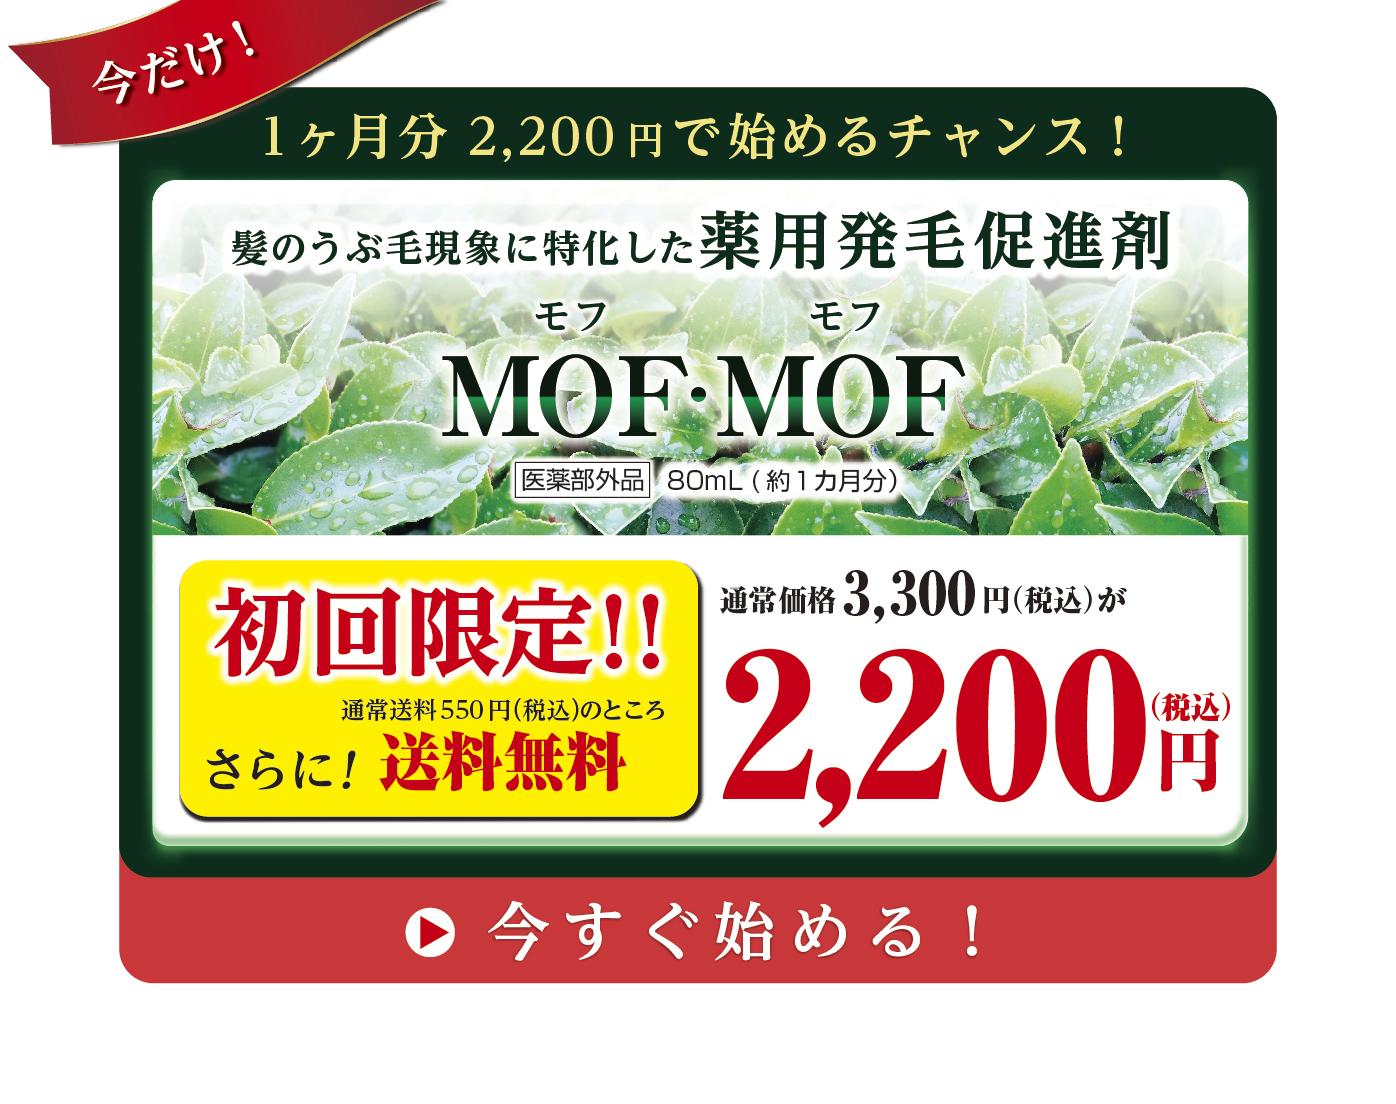 今だけ!初回限定で1080円引き!さらに送料無料!